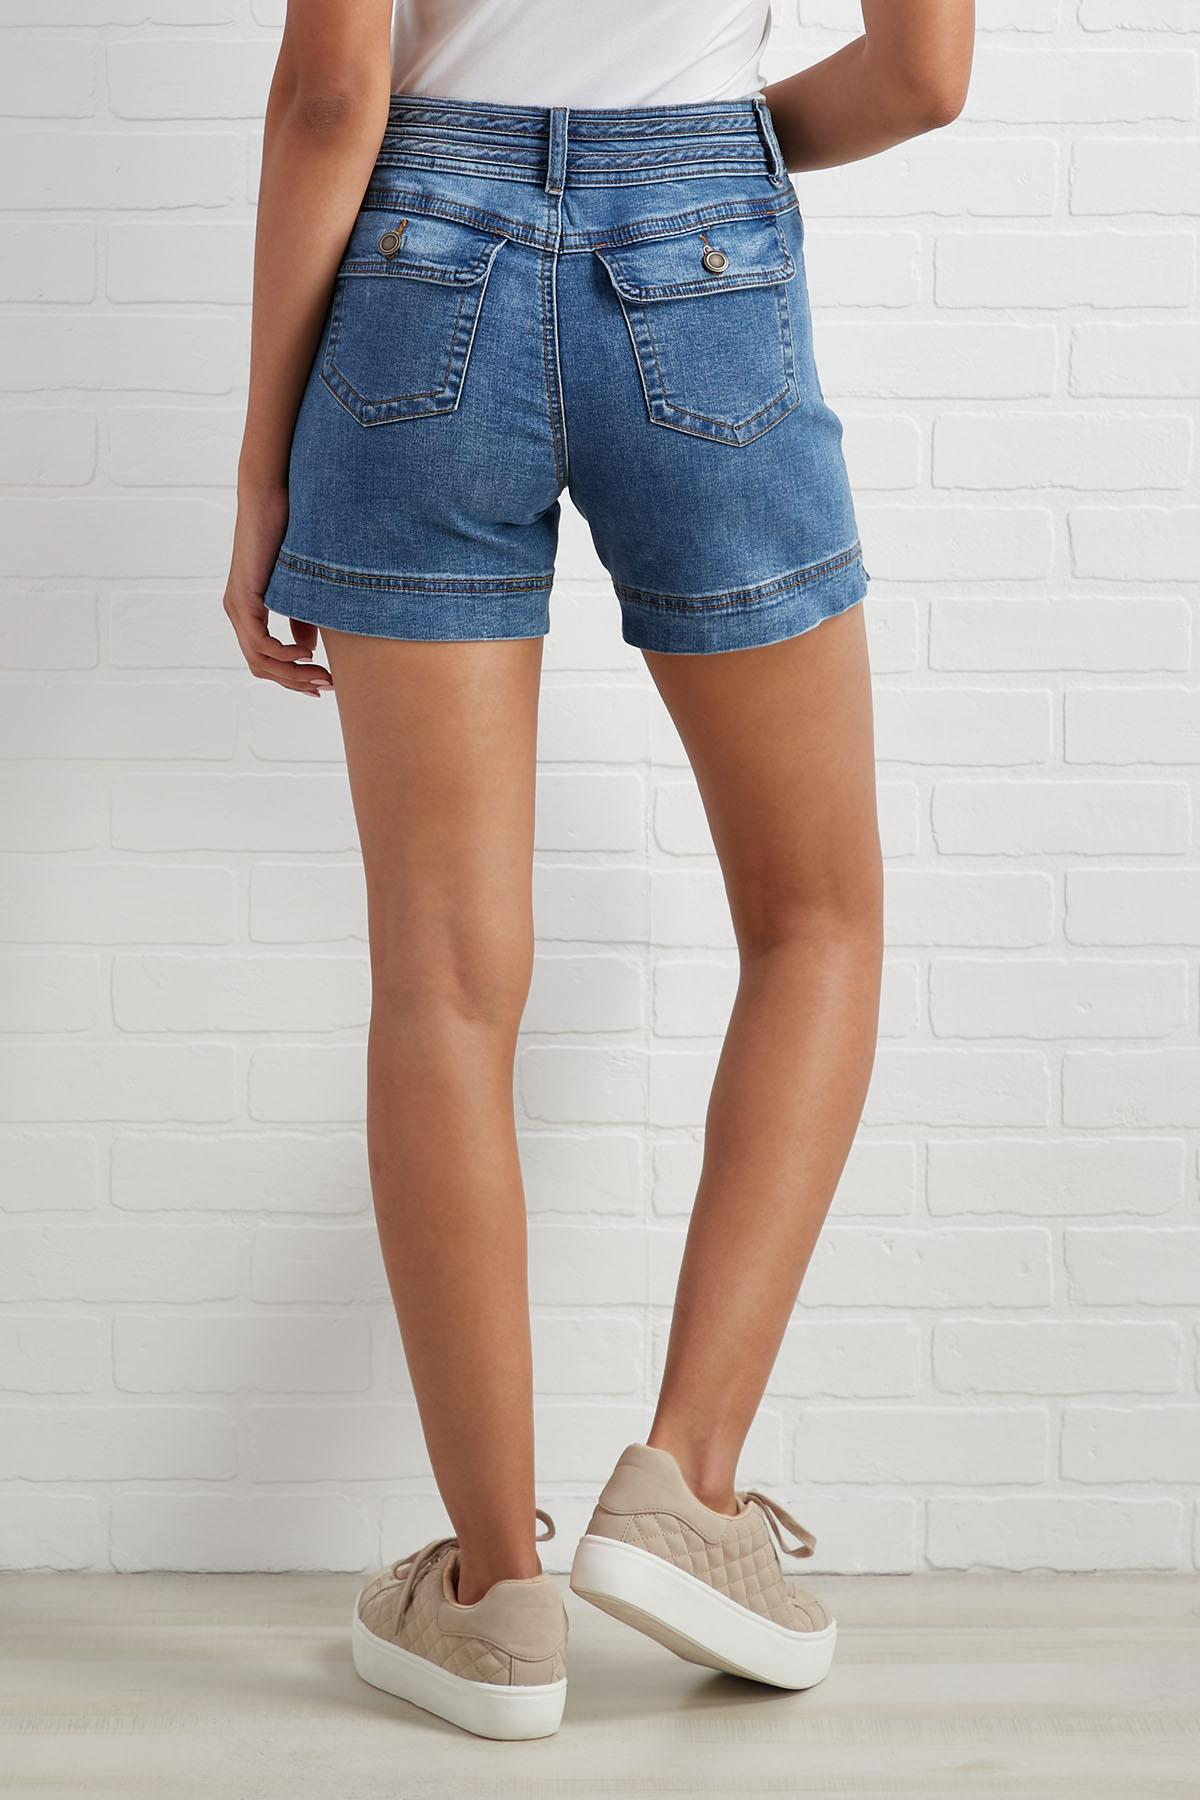 Fun And Sun Shorts